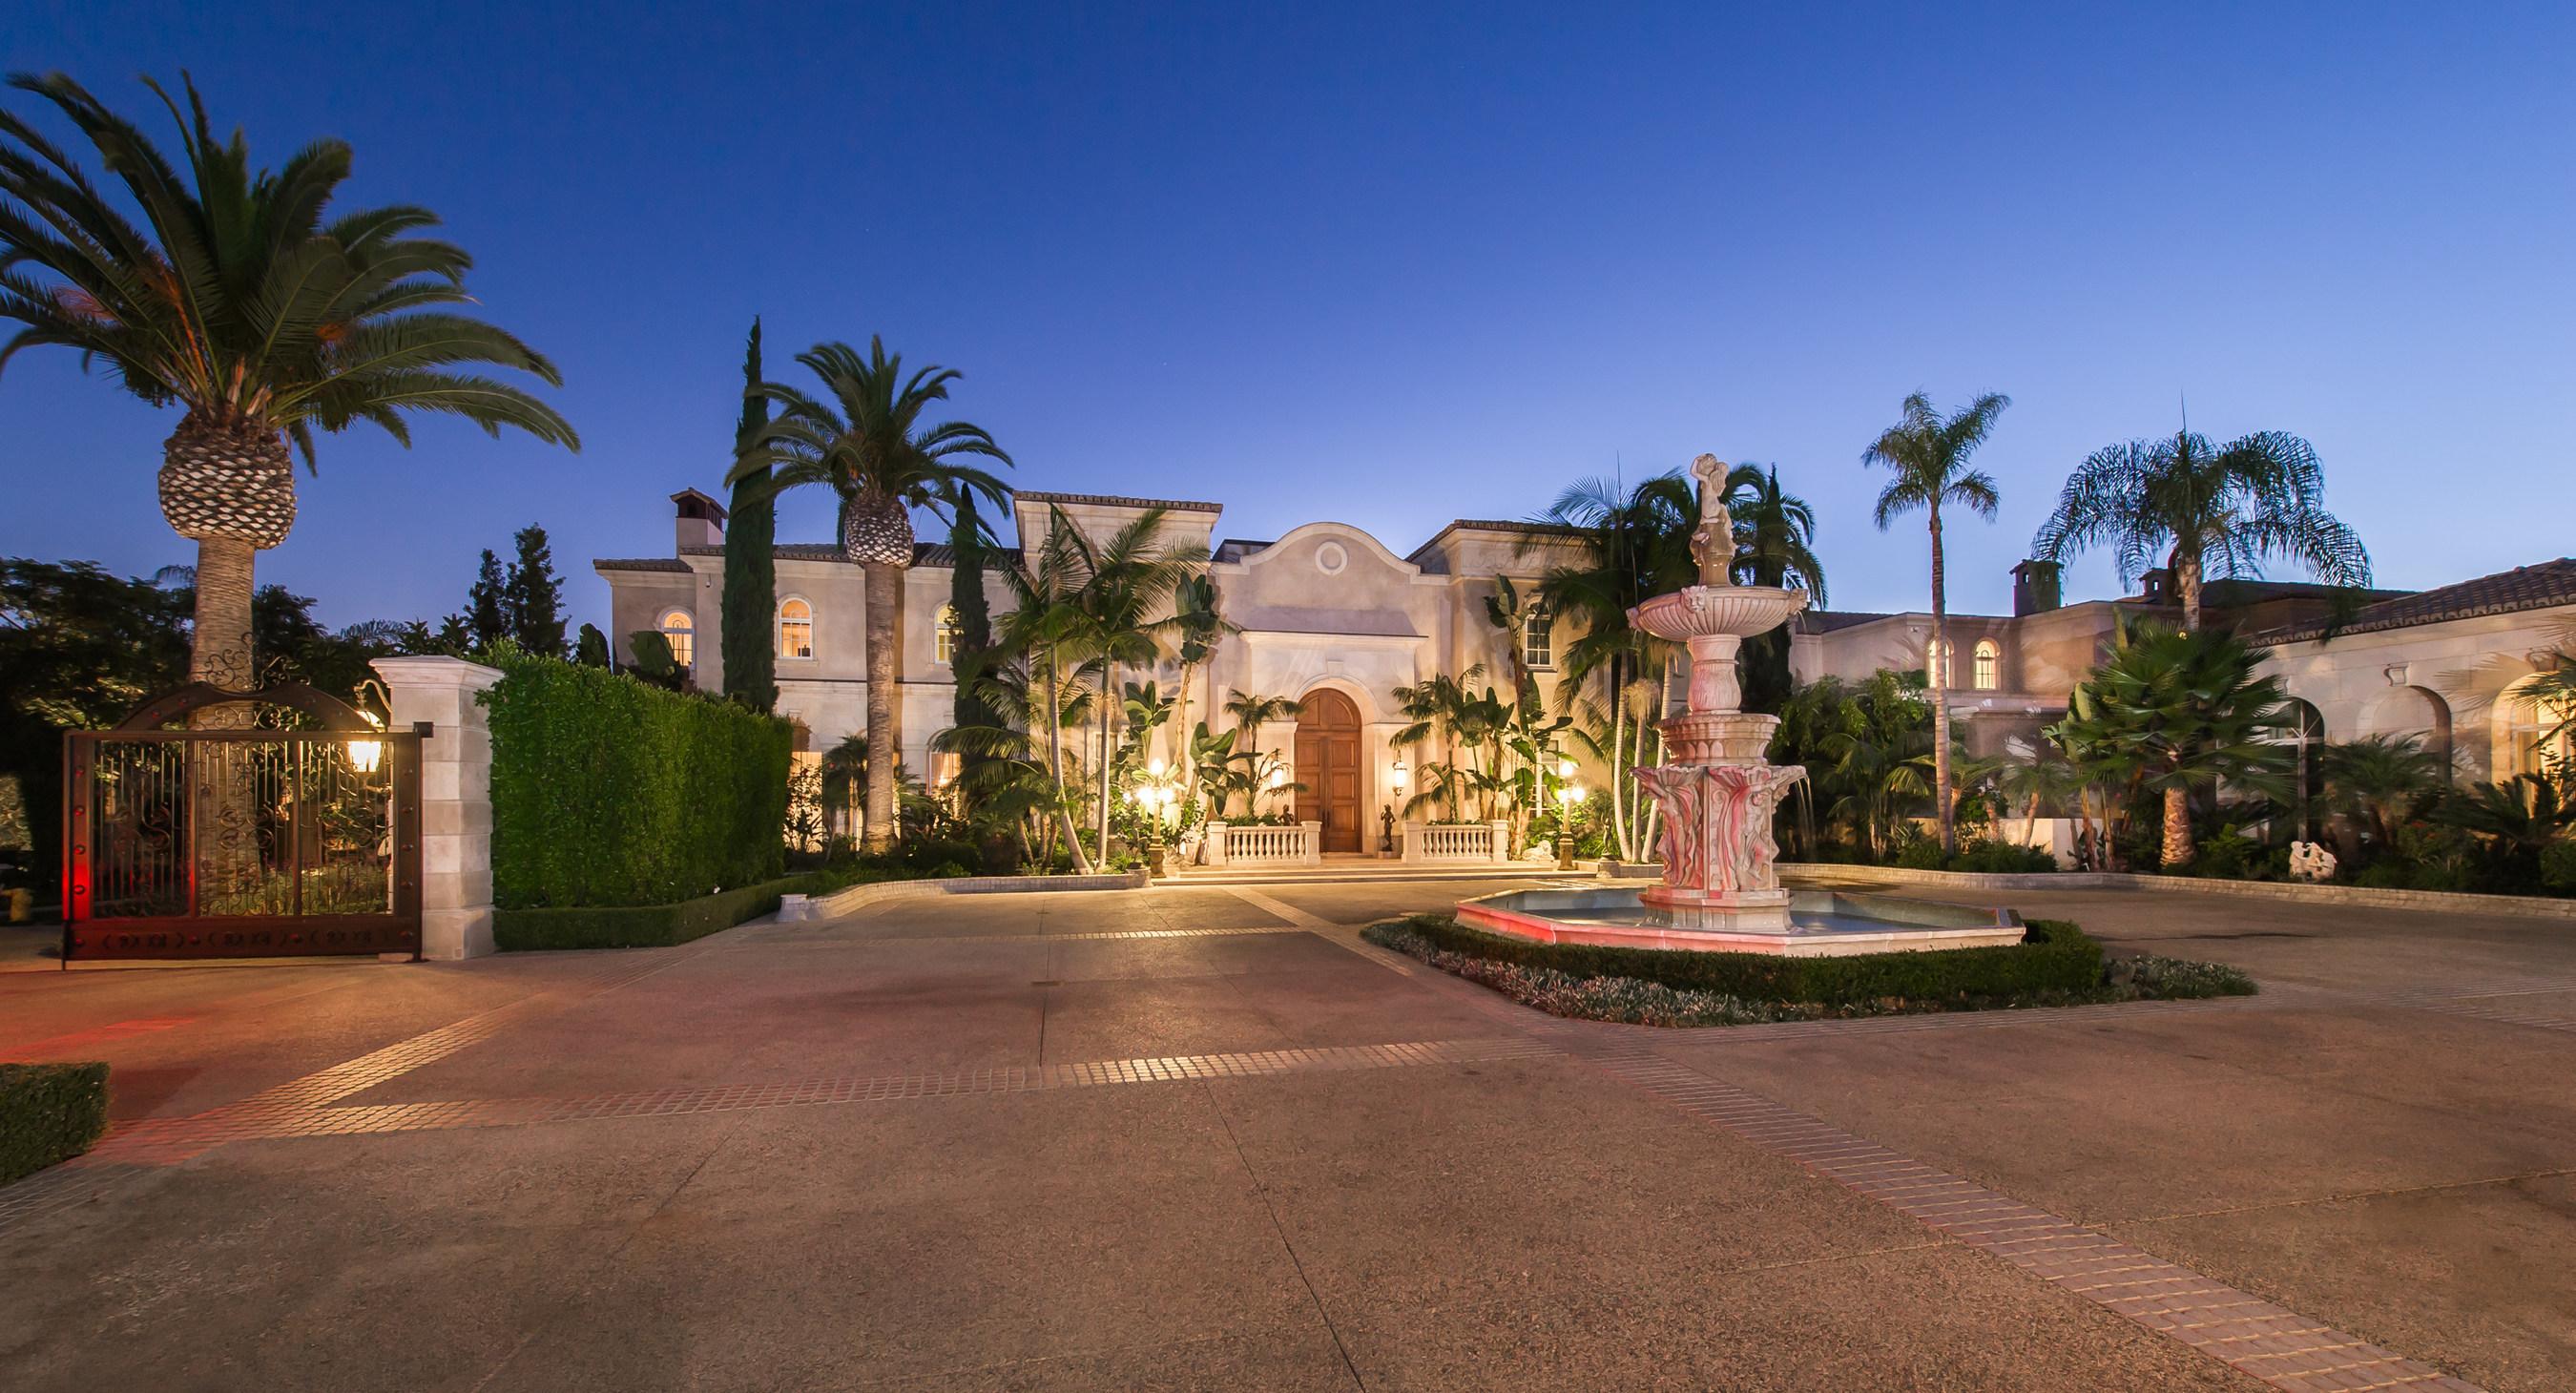 Amerikas teuerstes Eigenheim steht für 195 Millionen US-Dollar über Coldwell Banker Previews